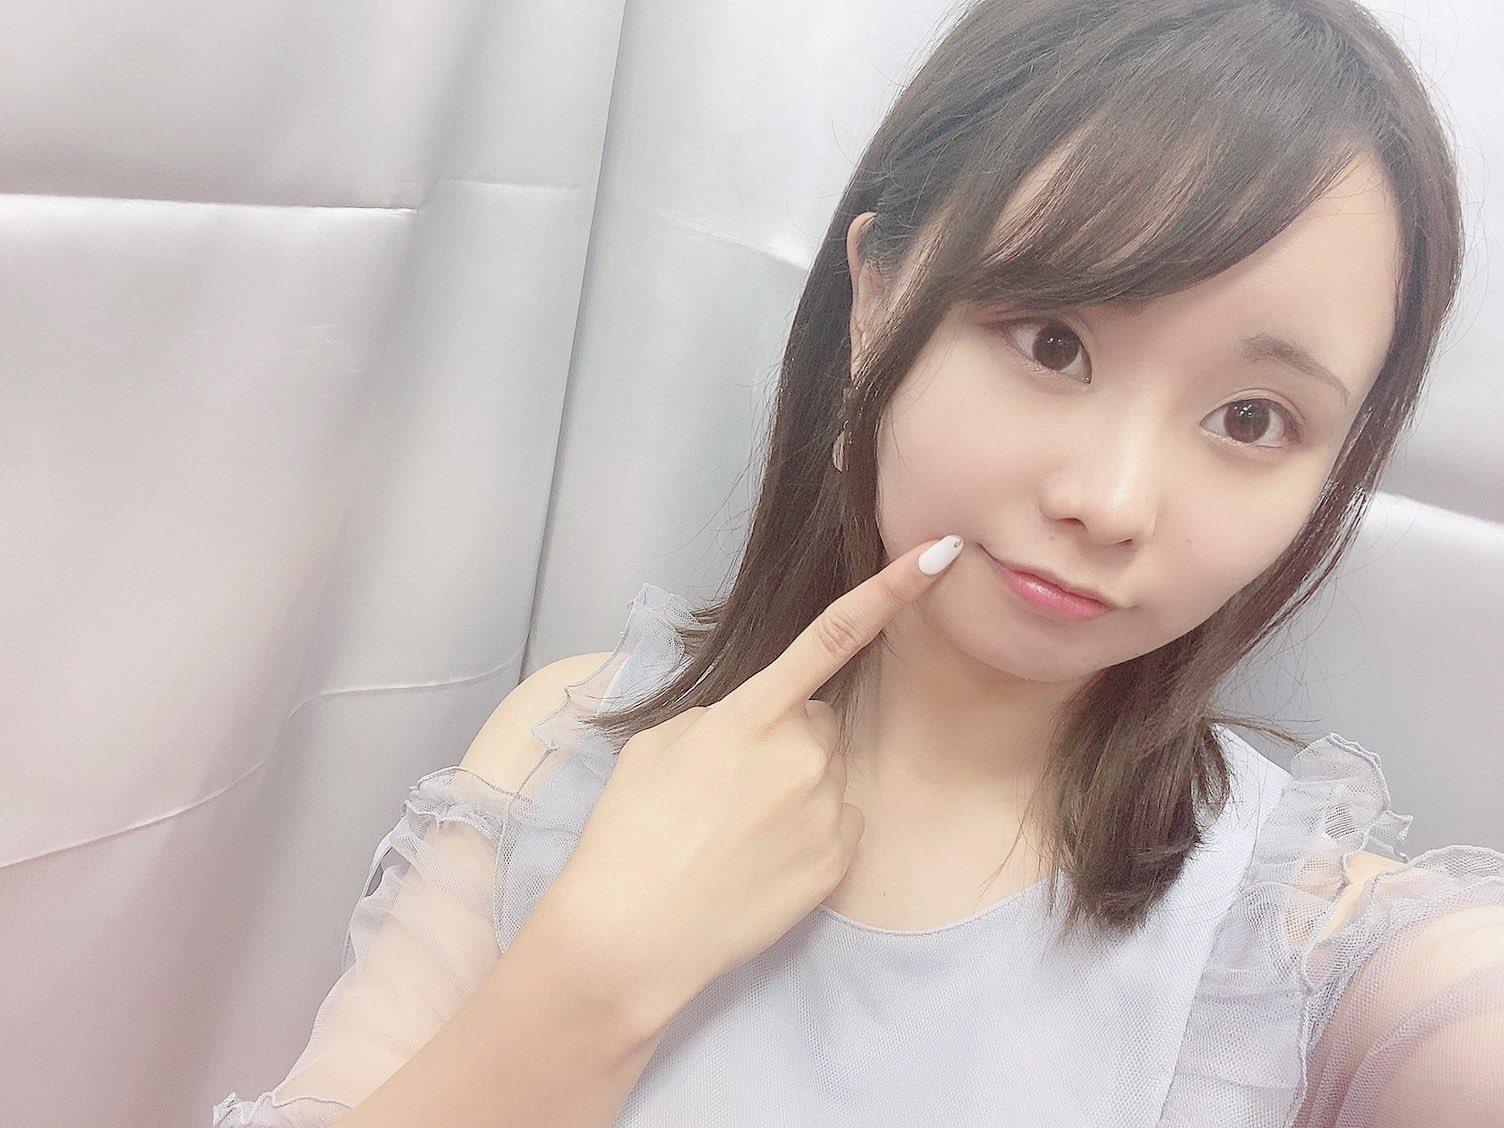 9月25日(土)中山ふみか生誕記念オンラインお茶会♪画像